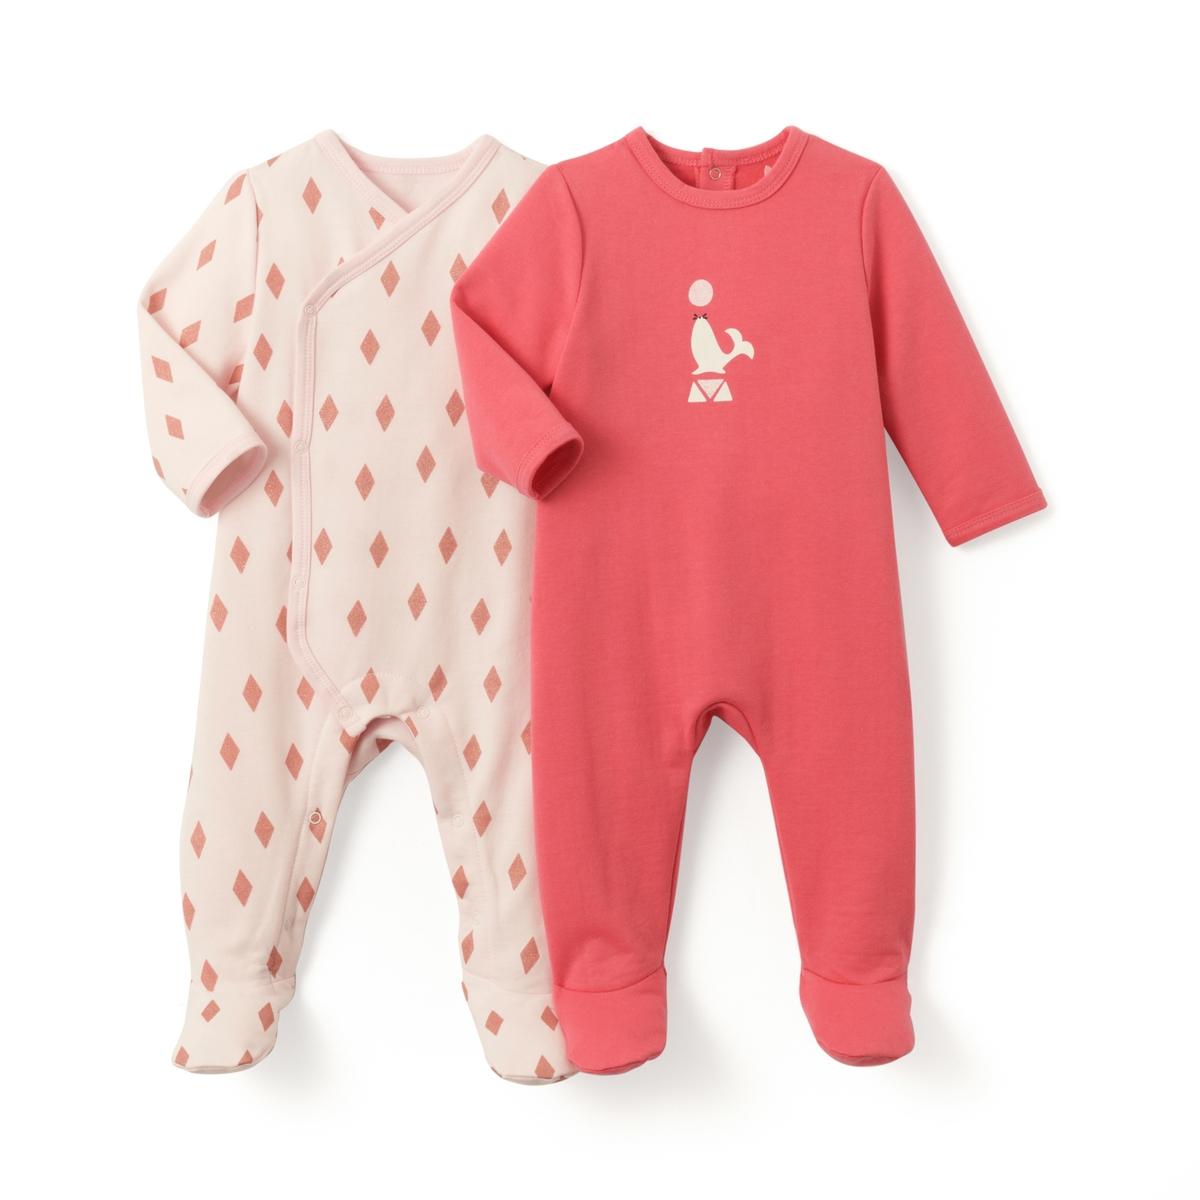 2 пижамы из мольтона 0 мес-3 лет Oeko Tex пижамы и ночные сорочки bambinizon пижама комбинезон на кнопках сафари